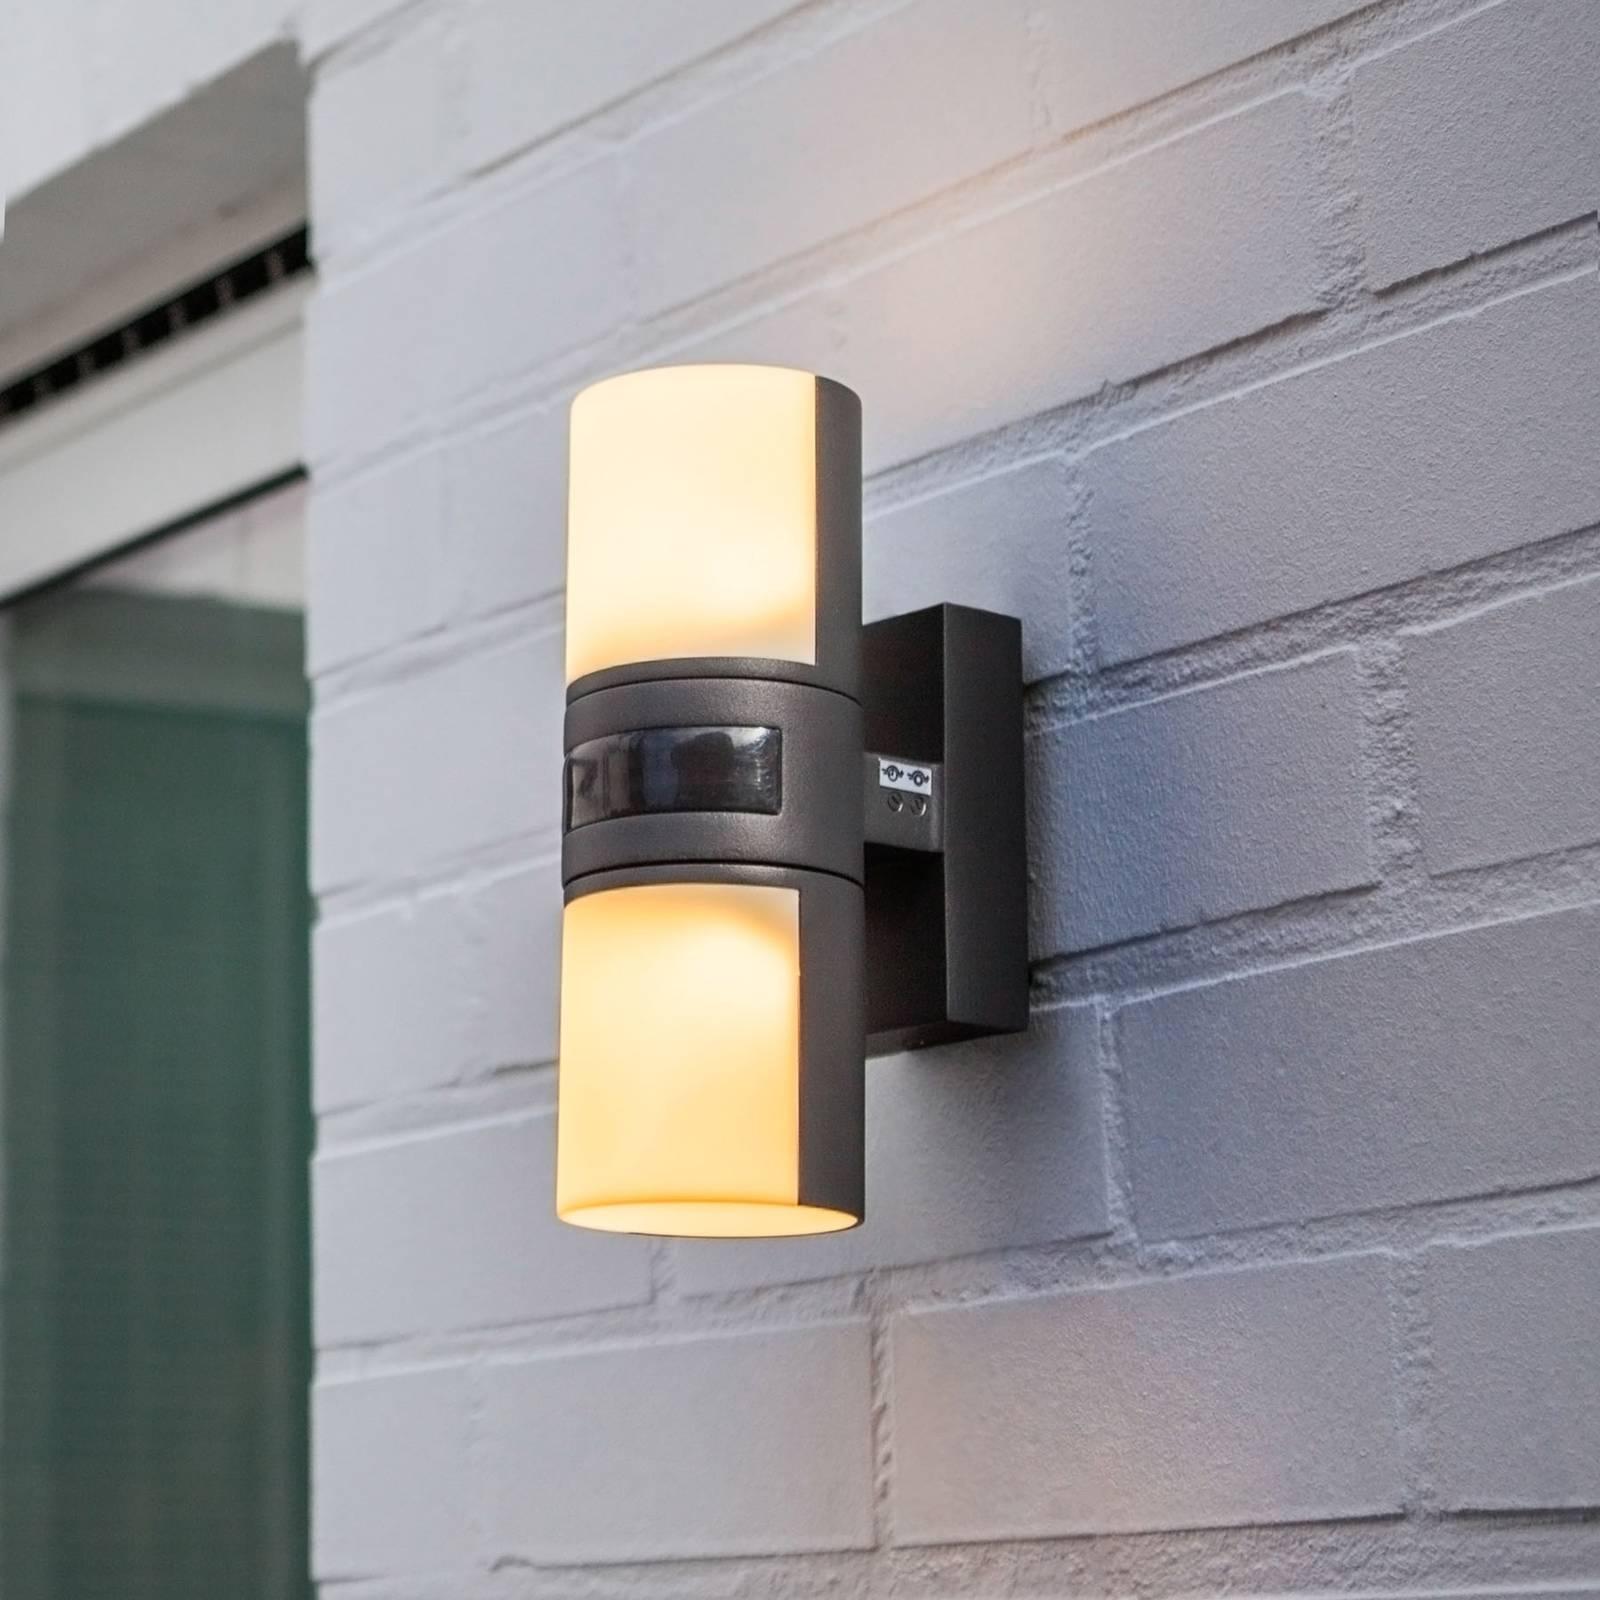 Cyra-LED-ulkoseinävalaisin, 2-lamppuinen, anturi